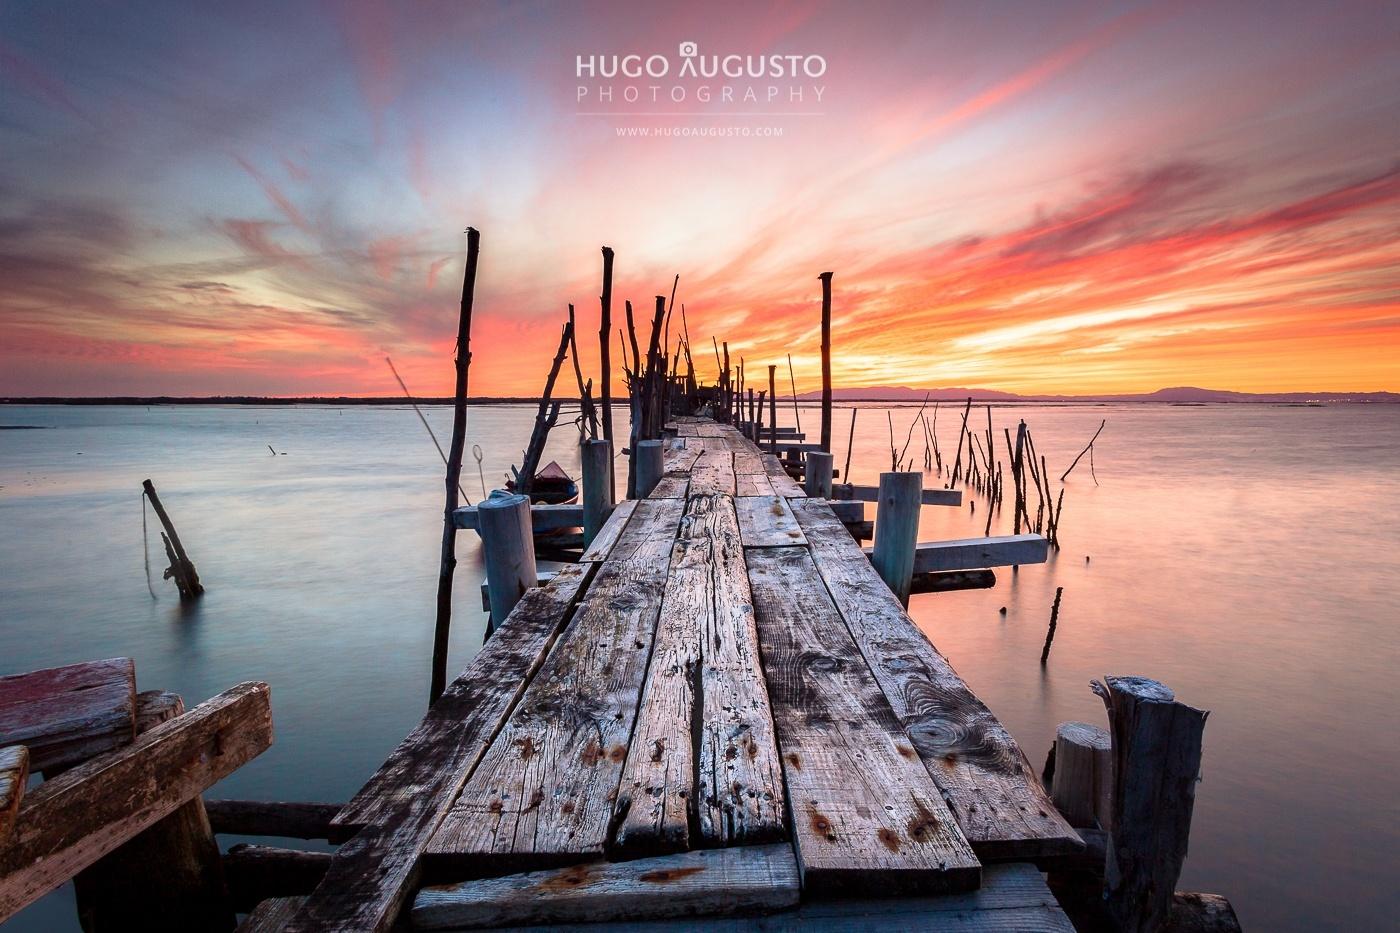 © Hugo Augusto - CARRASQUEIRA, PORTUGAL